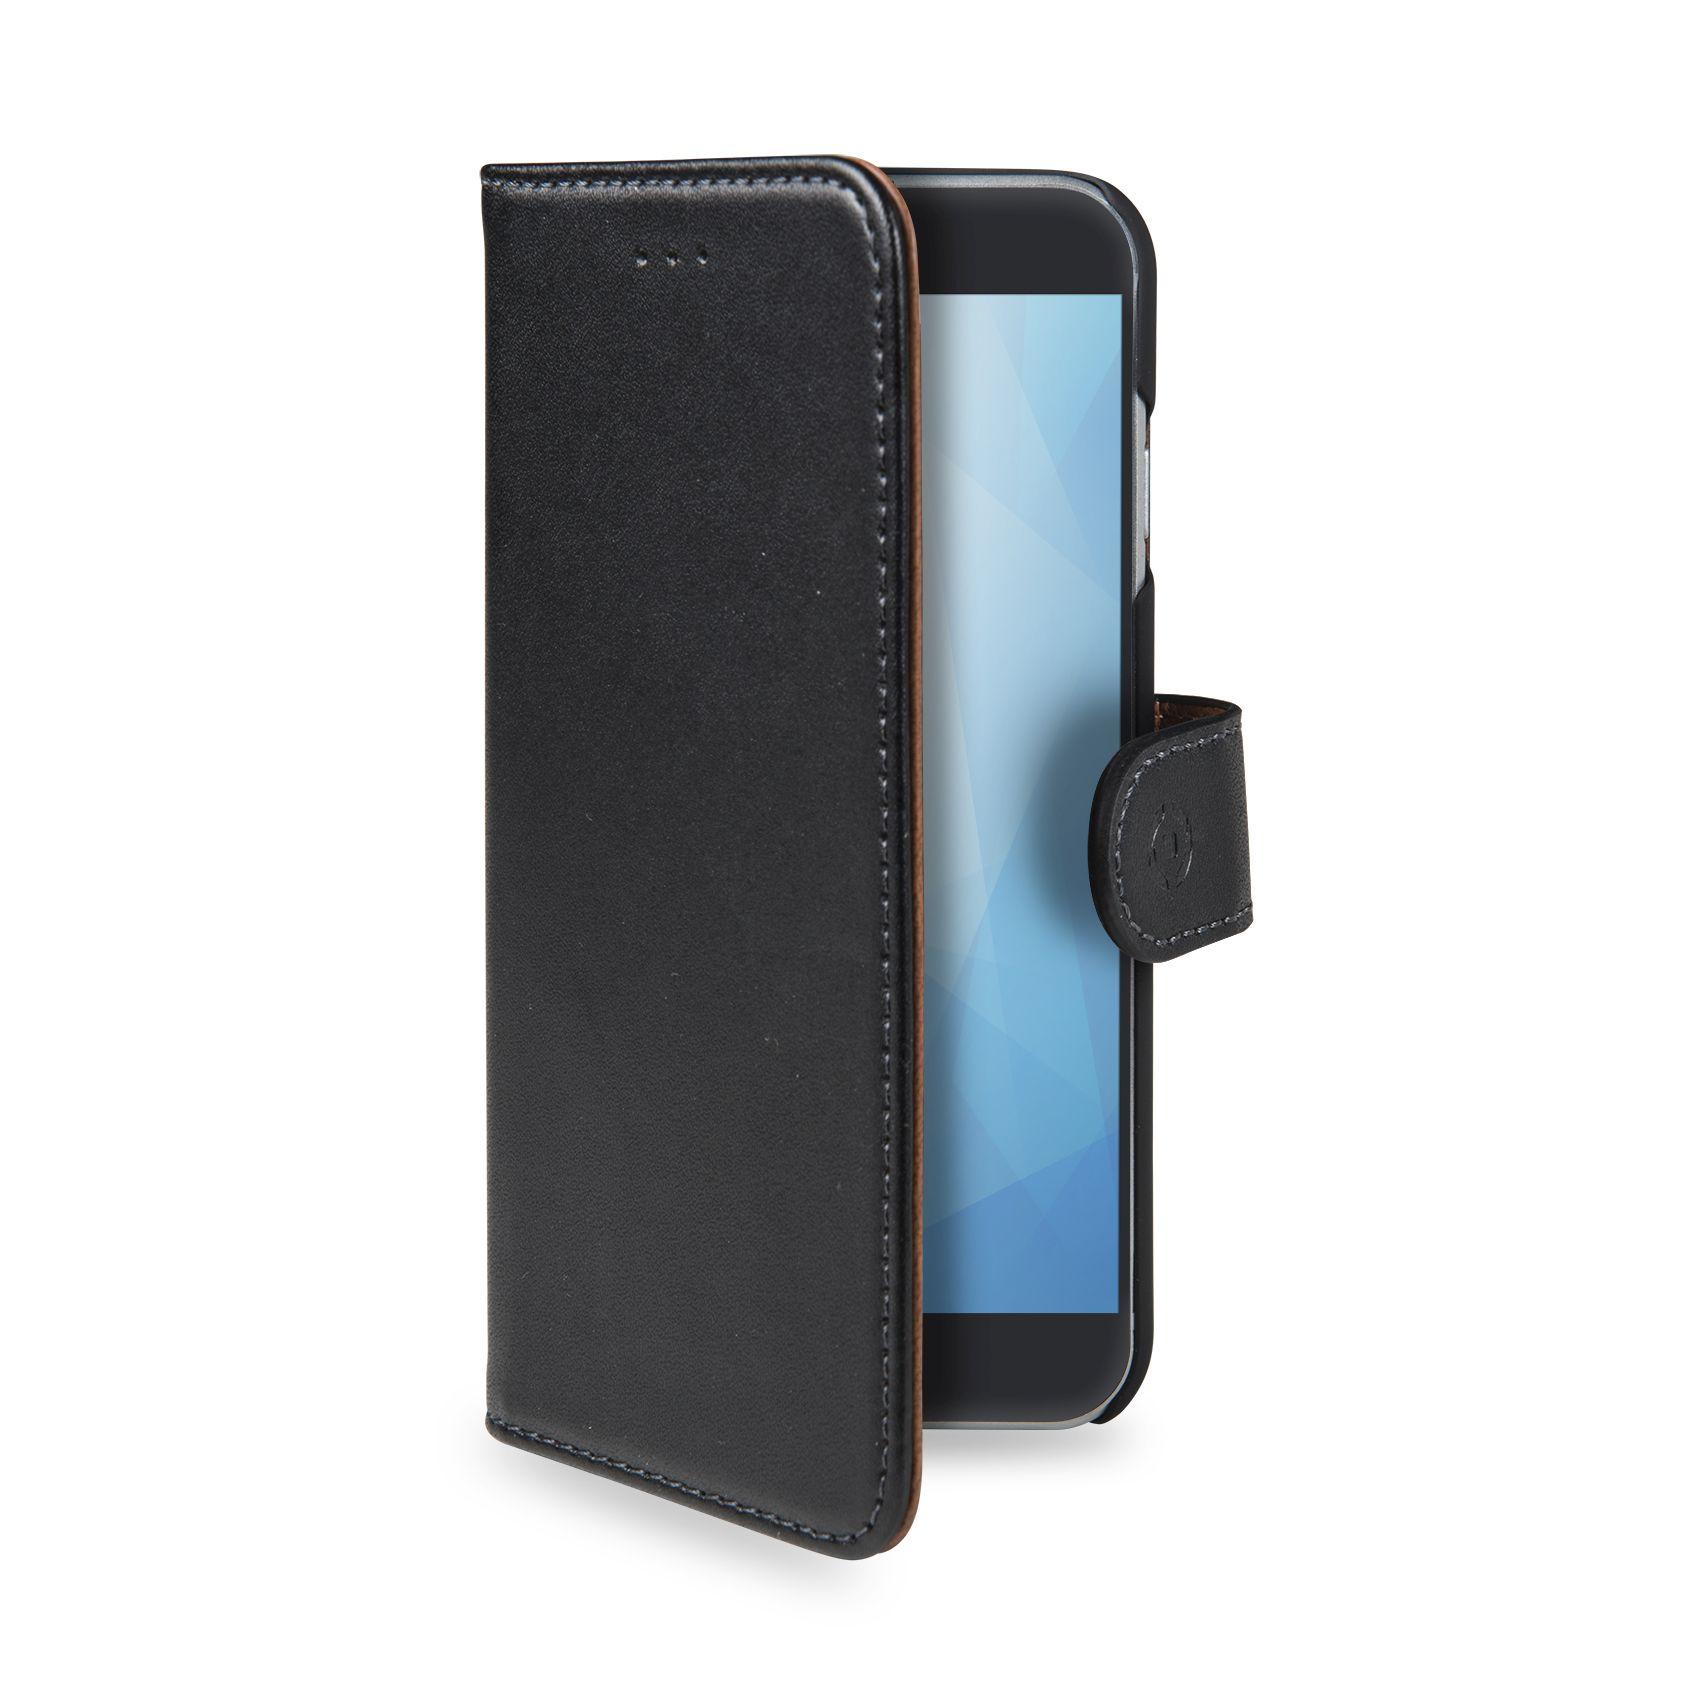 Flipové pouzdro Celly Wally pro Xiaomi Redmi 5A černé